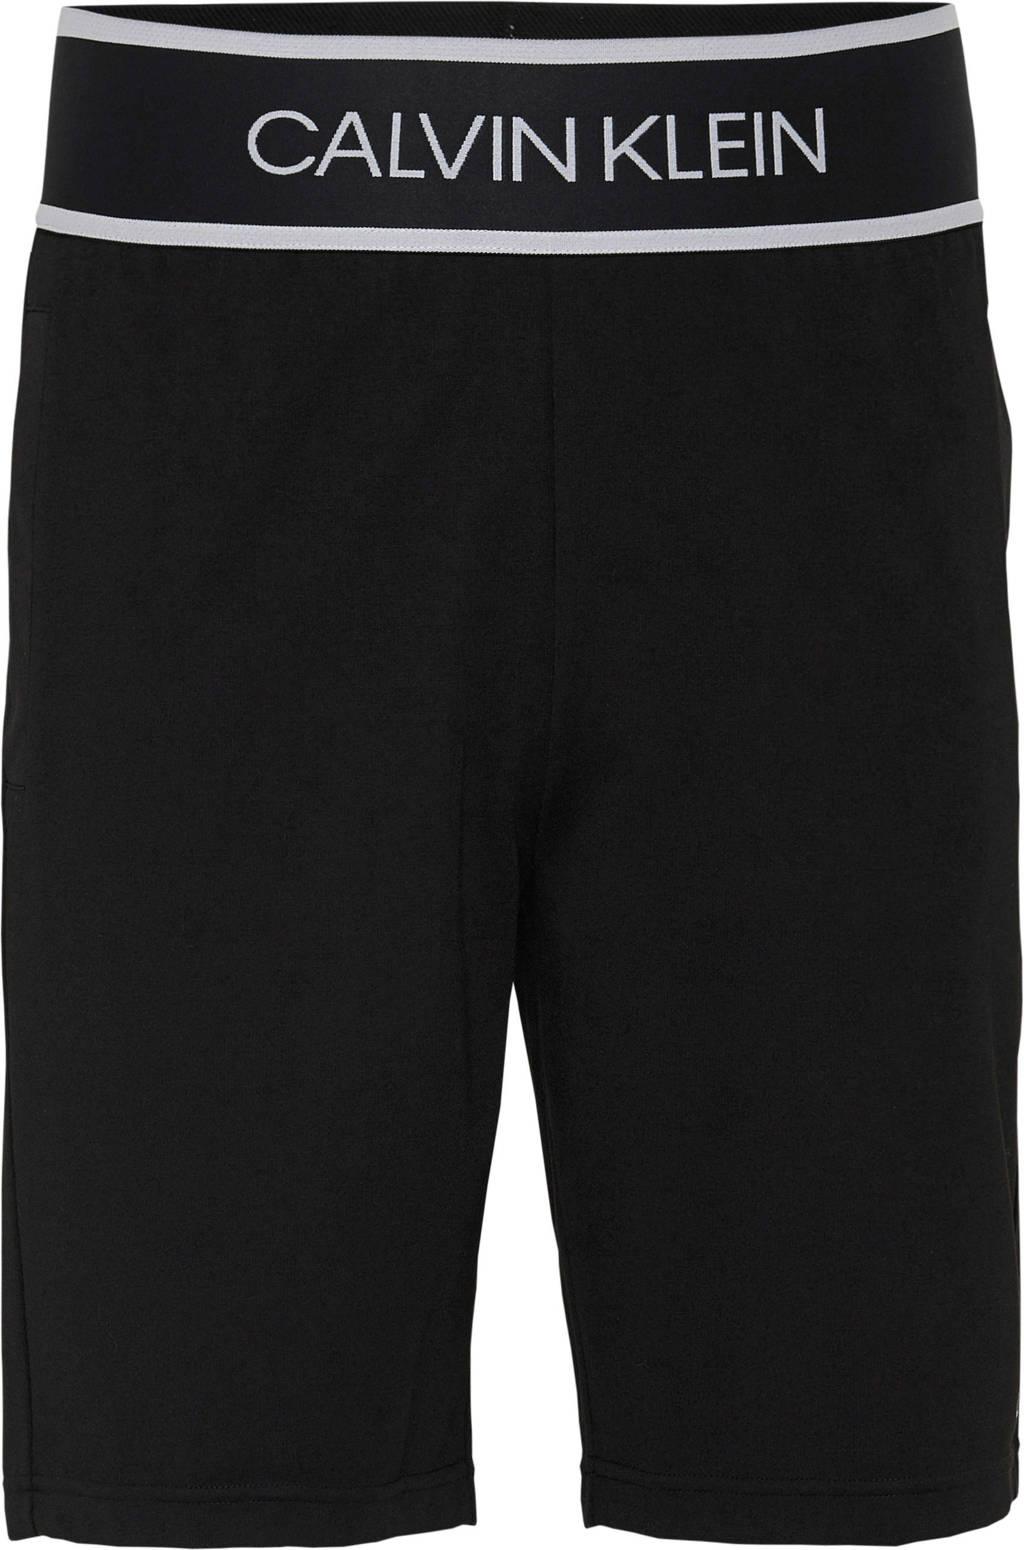 Calvin Klein   sportshort zwart, Zwart